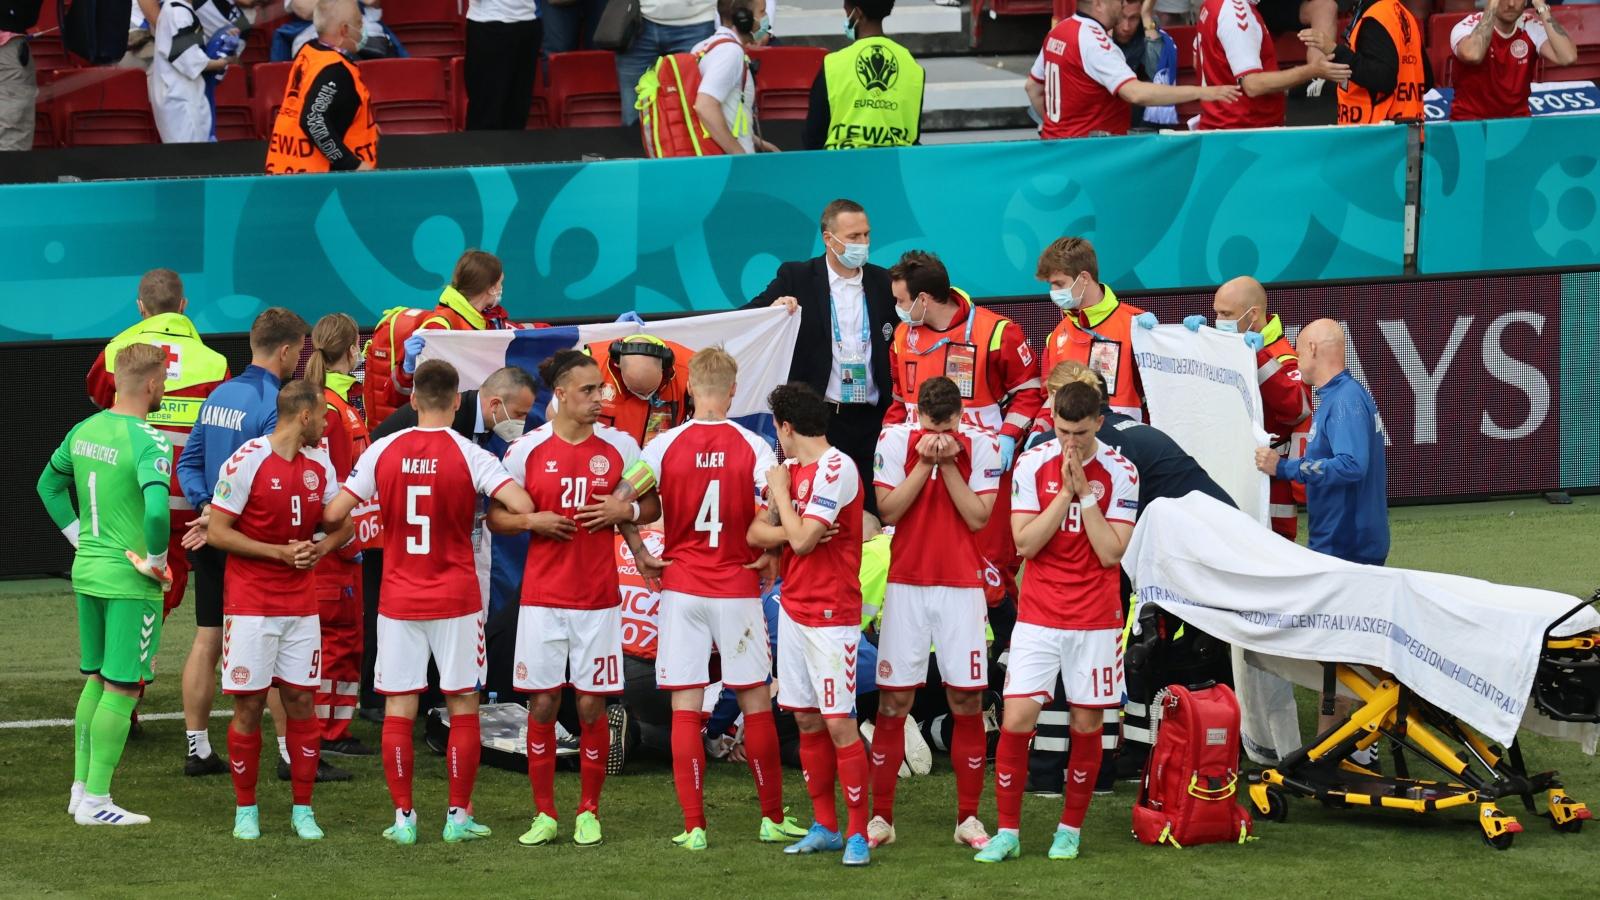 Chiến thắng lịch sử của Phần Lan trước Đan Mạch bị lu mờ khi Eriksen đột quỵ